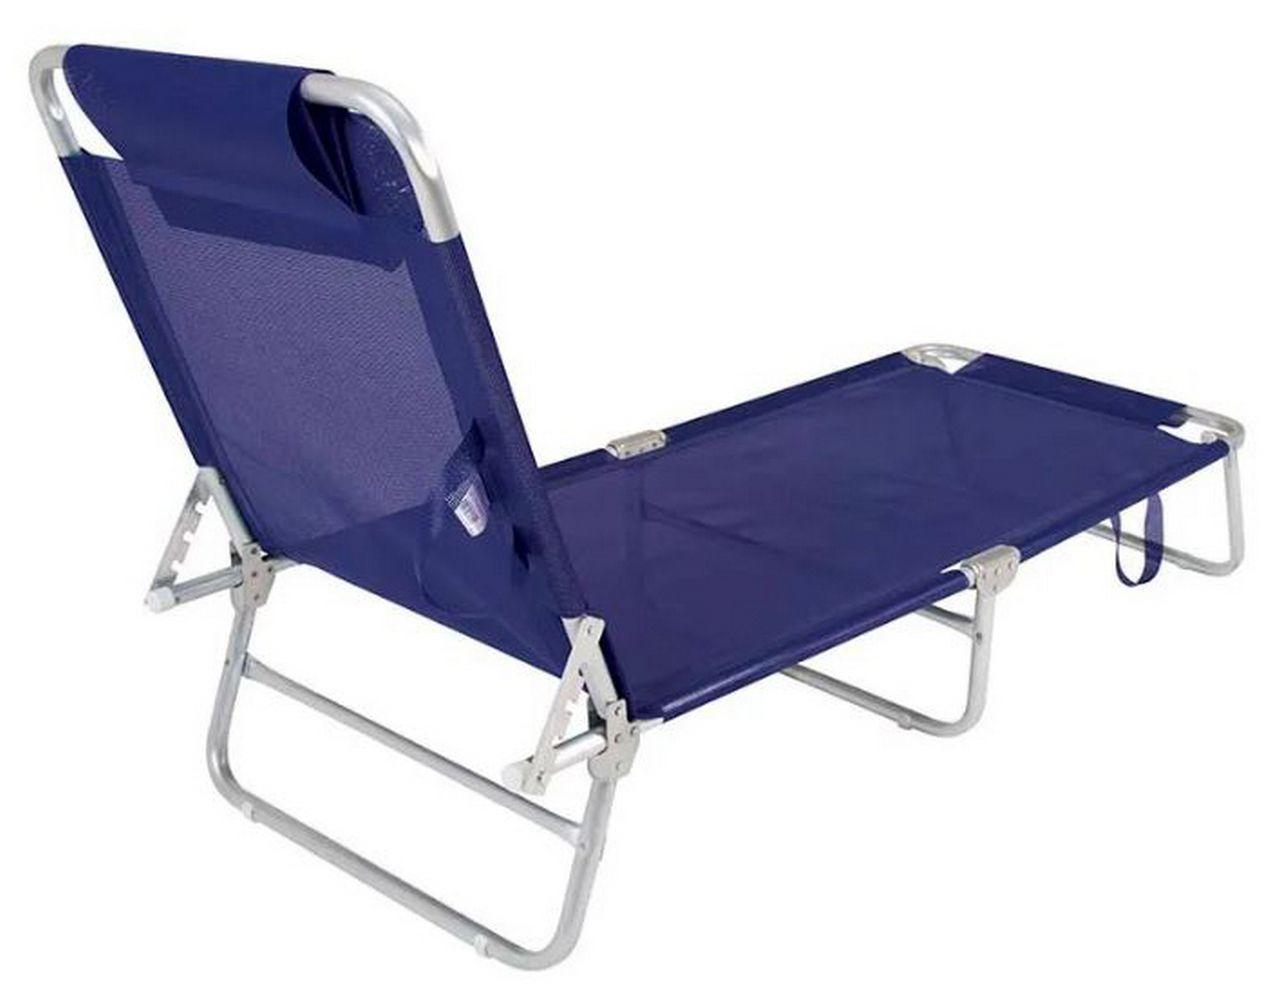 Cadeira Espreguiçadeira Azul Alumínio Mor Suporta Até 100 Kg